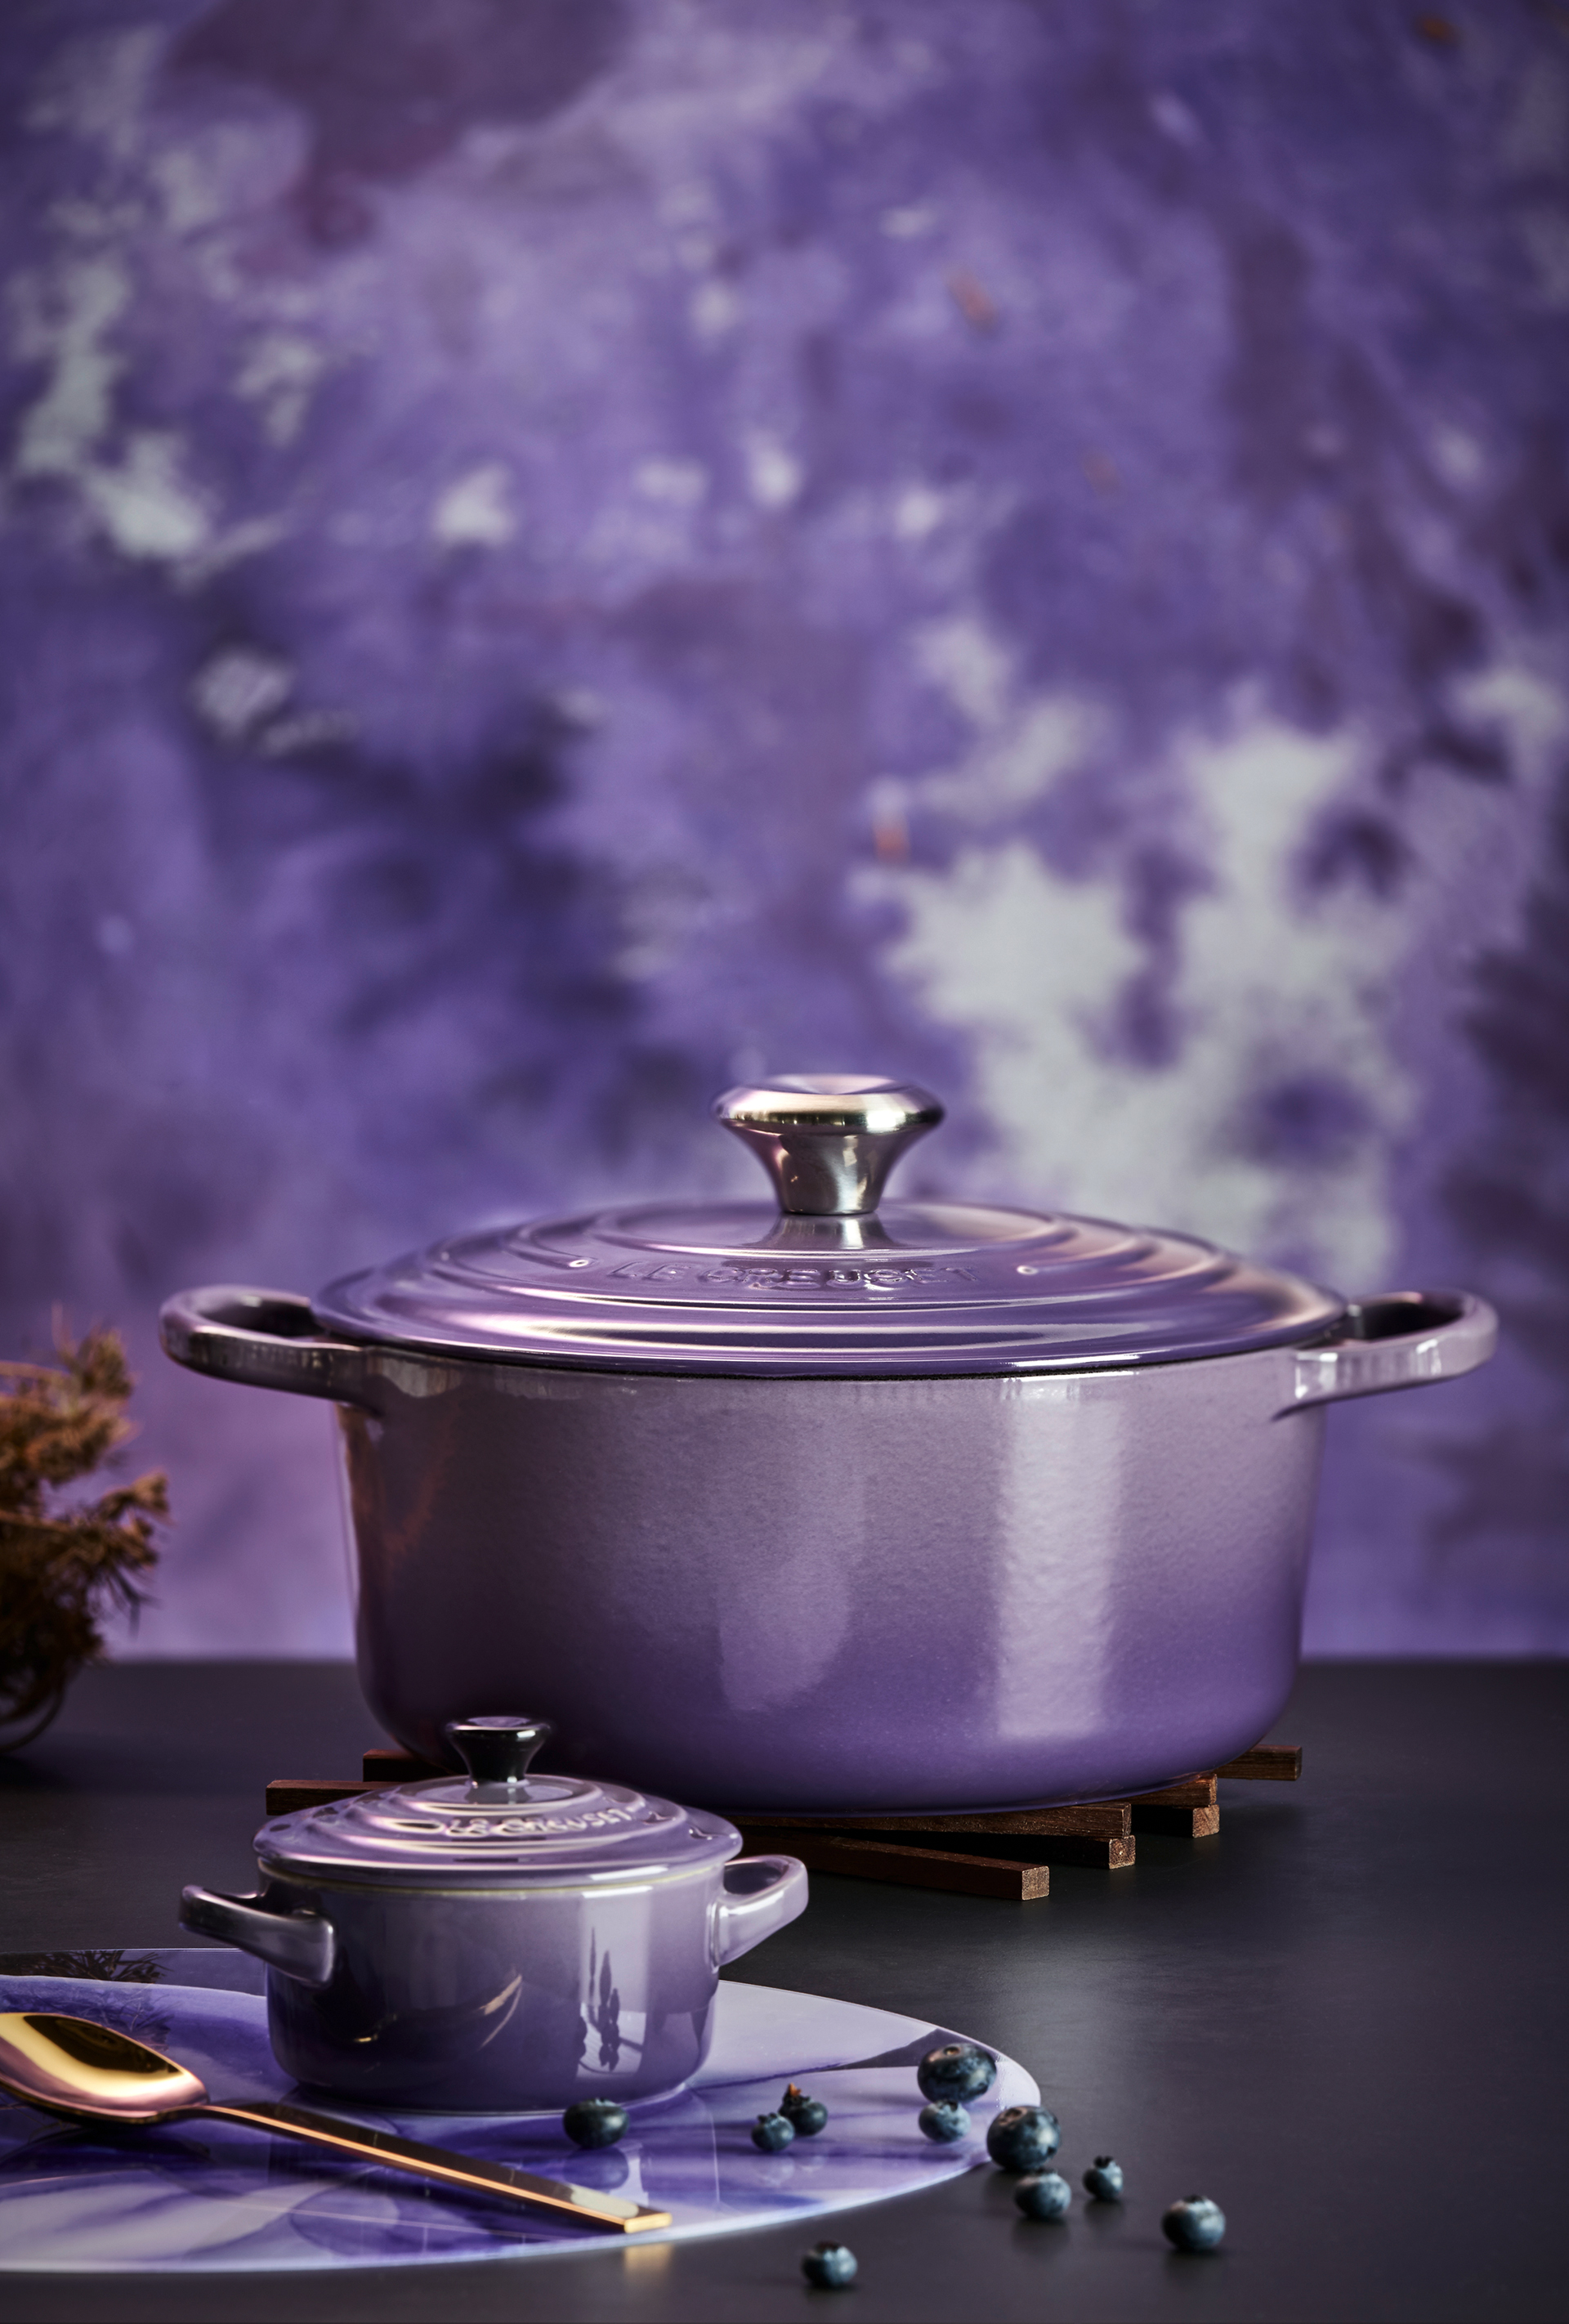 In Ultra Violet entwickeln Bräter und Mini-Cocotte einen besonderen Zauber